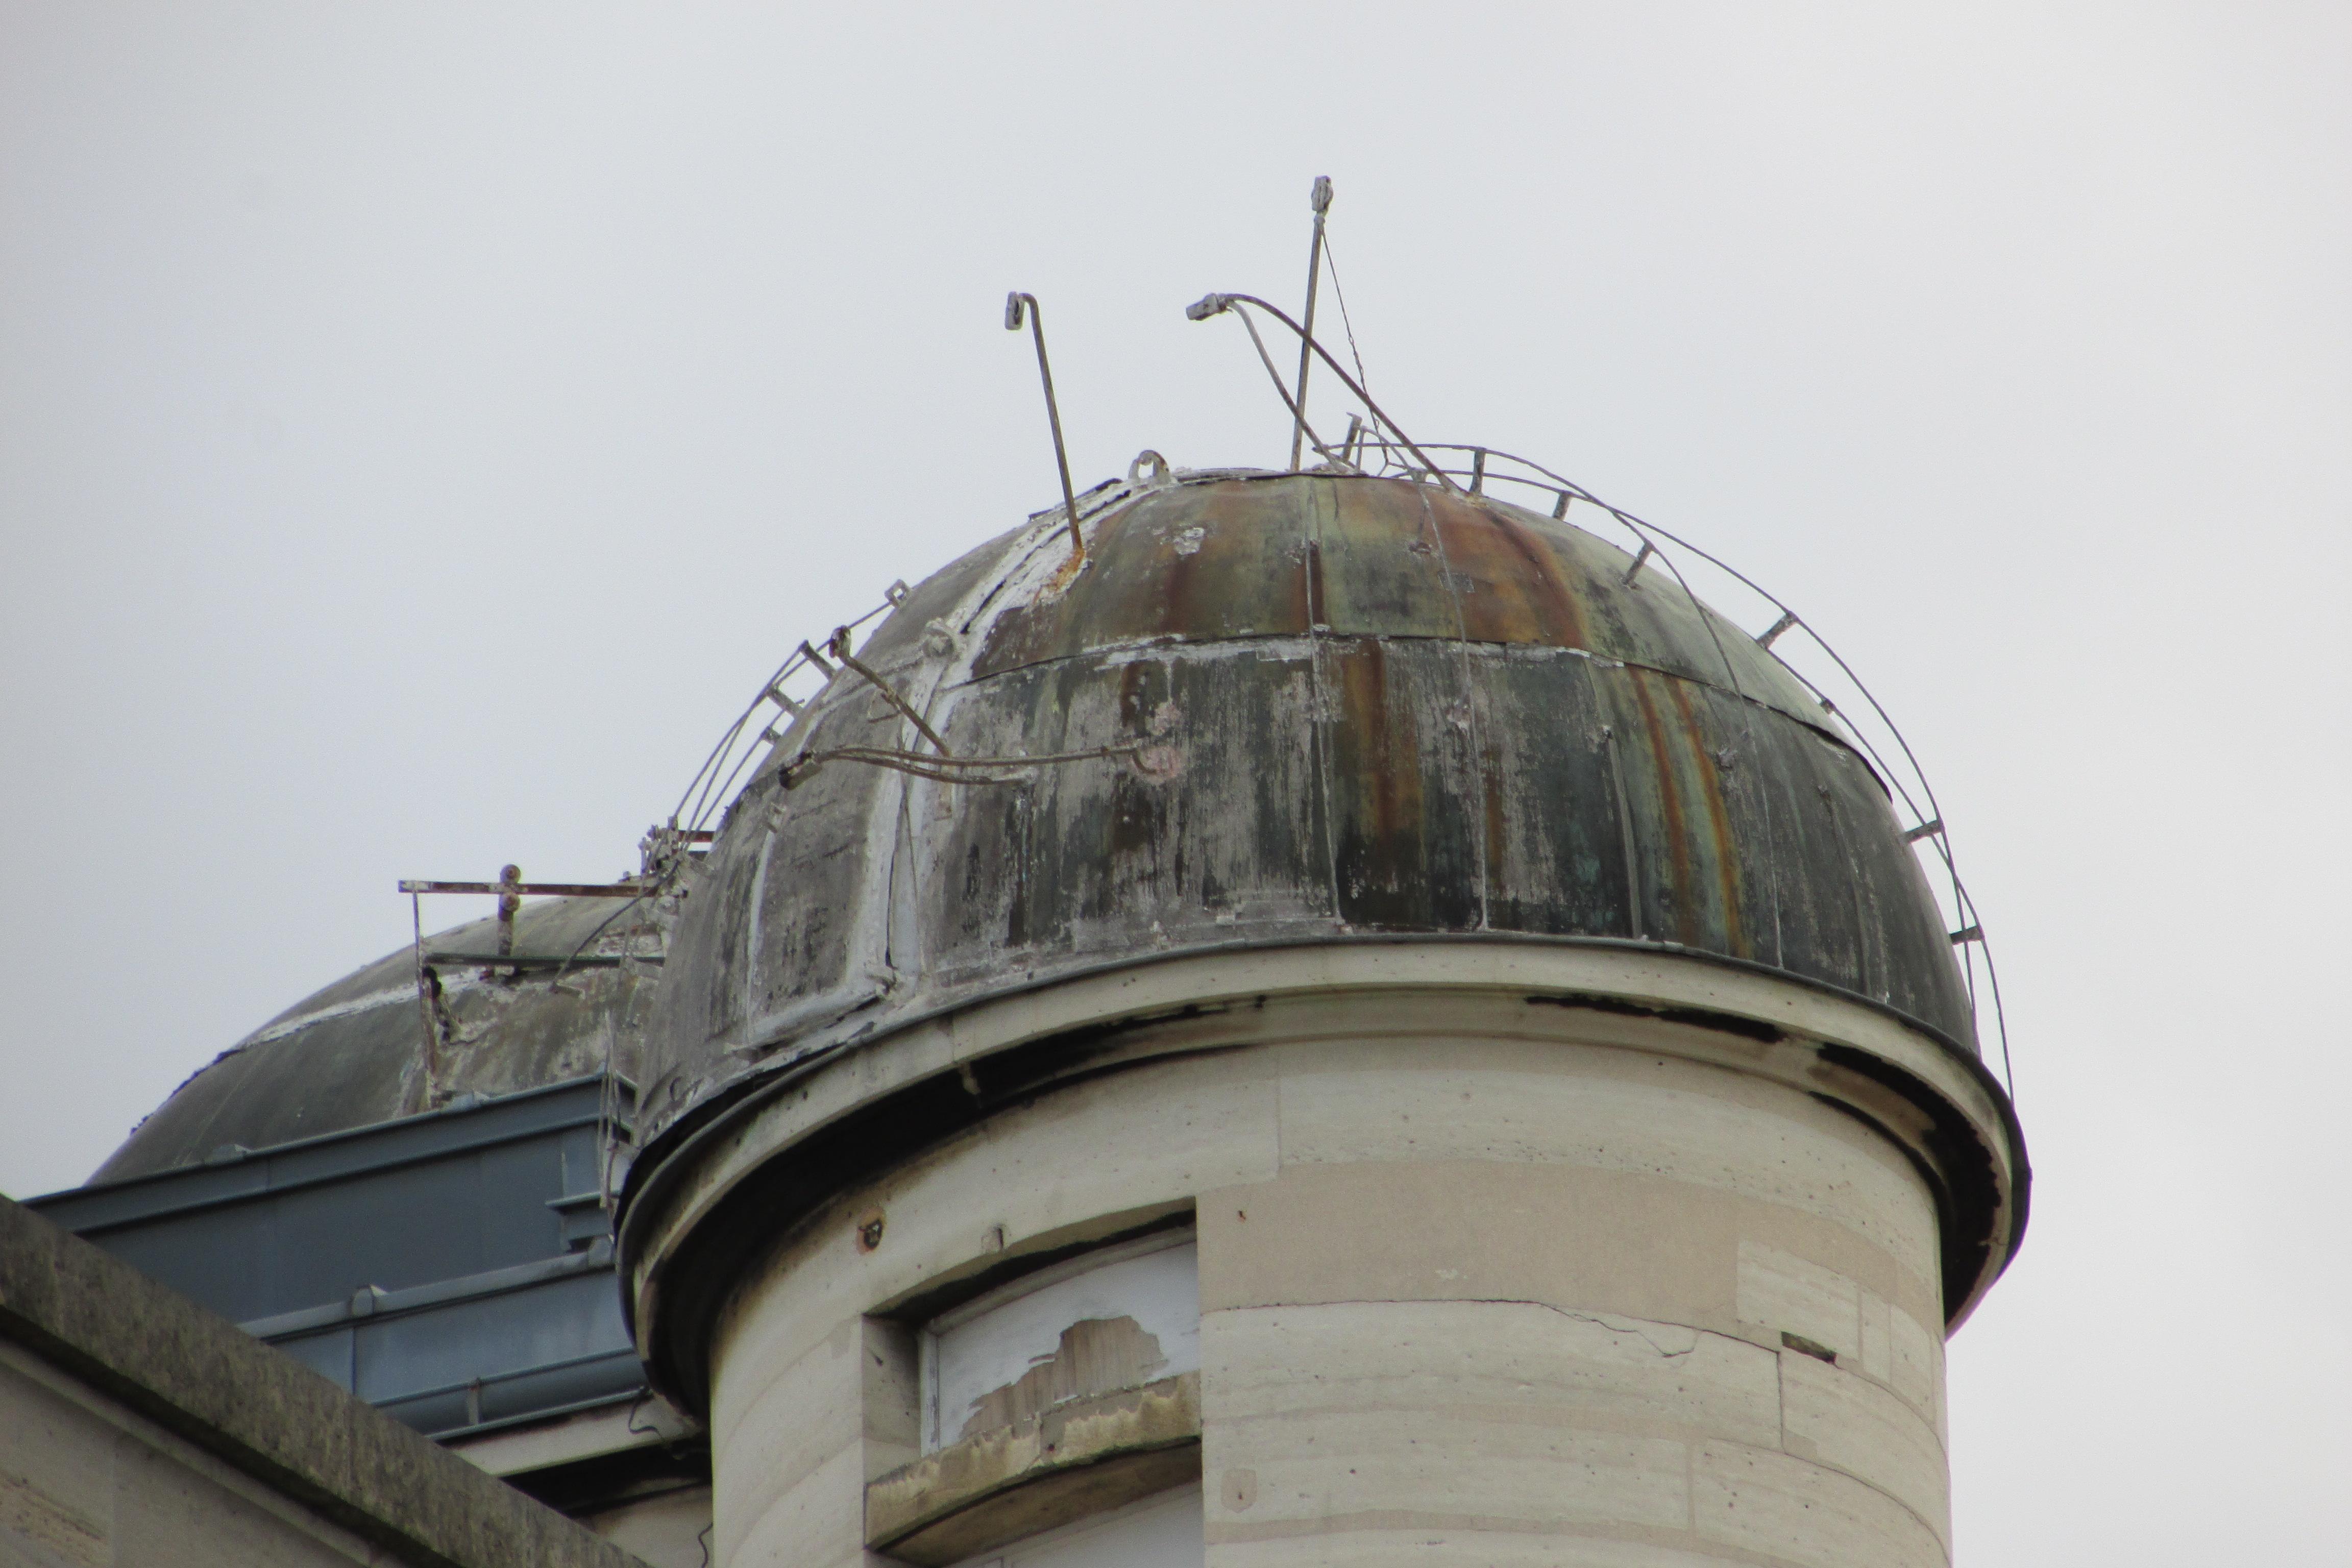 Détail de l'Observatoire de Parts